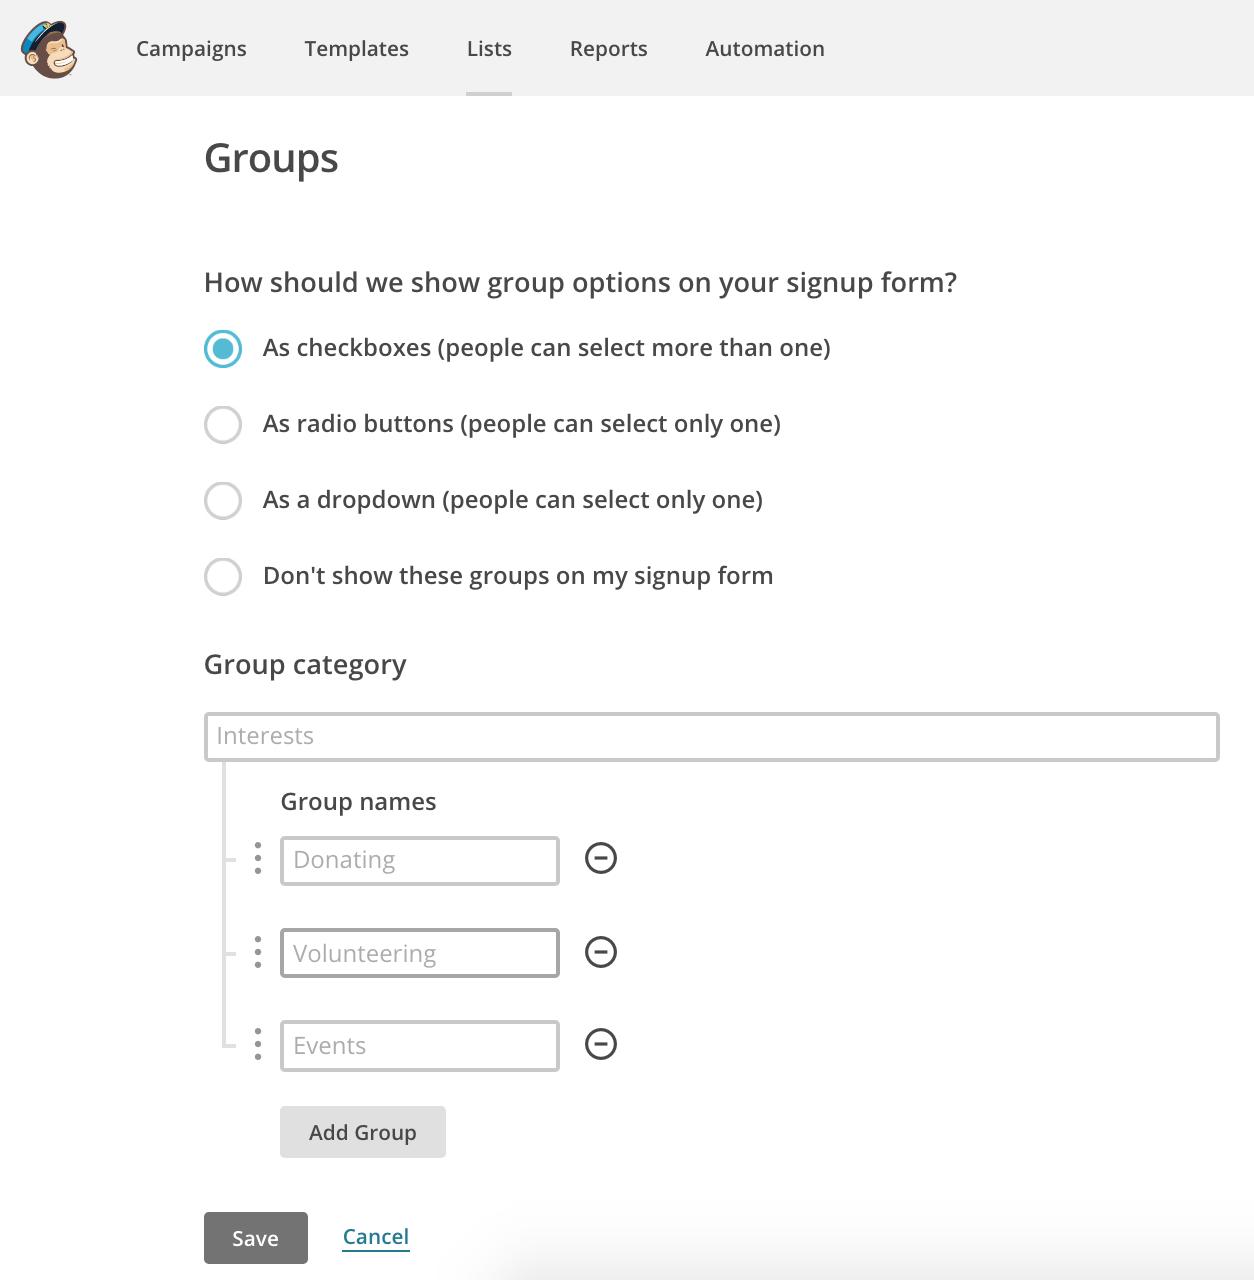 A screenshot of MailChimp